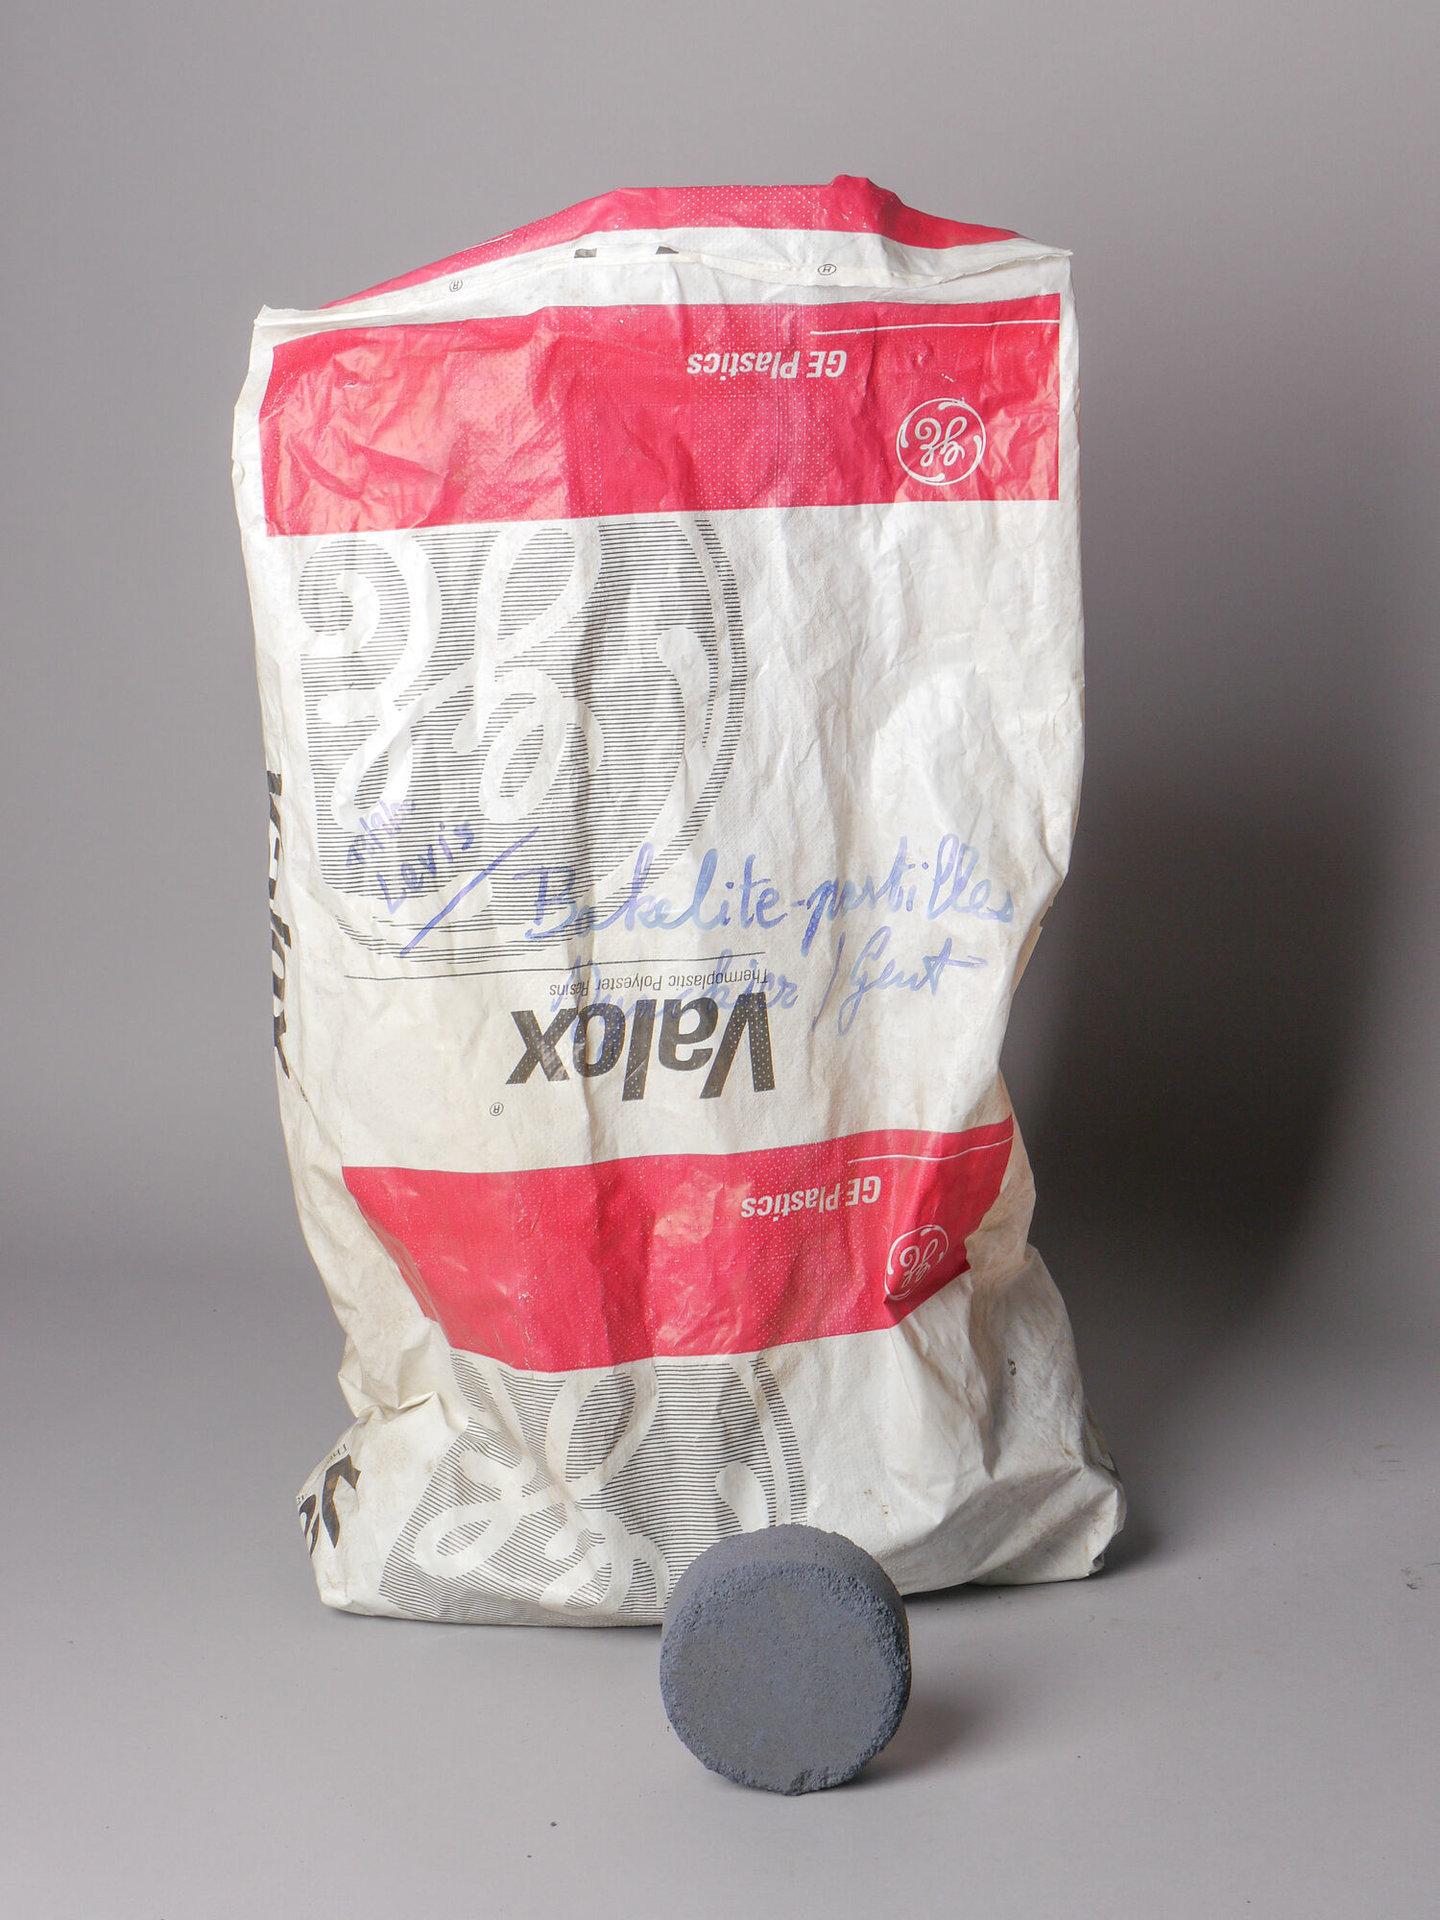 Bakeliettablet van het merk Valox